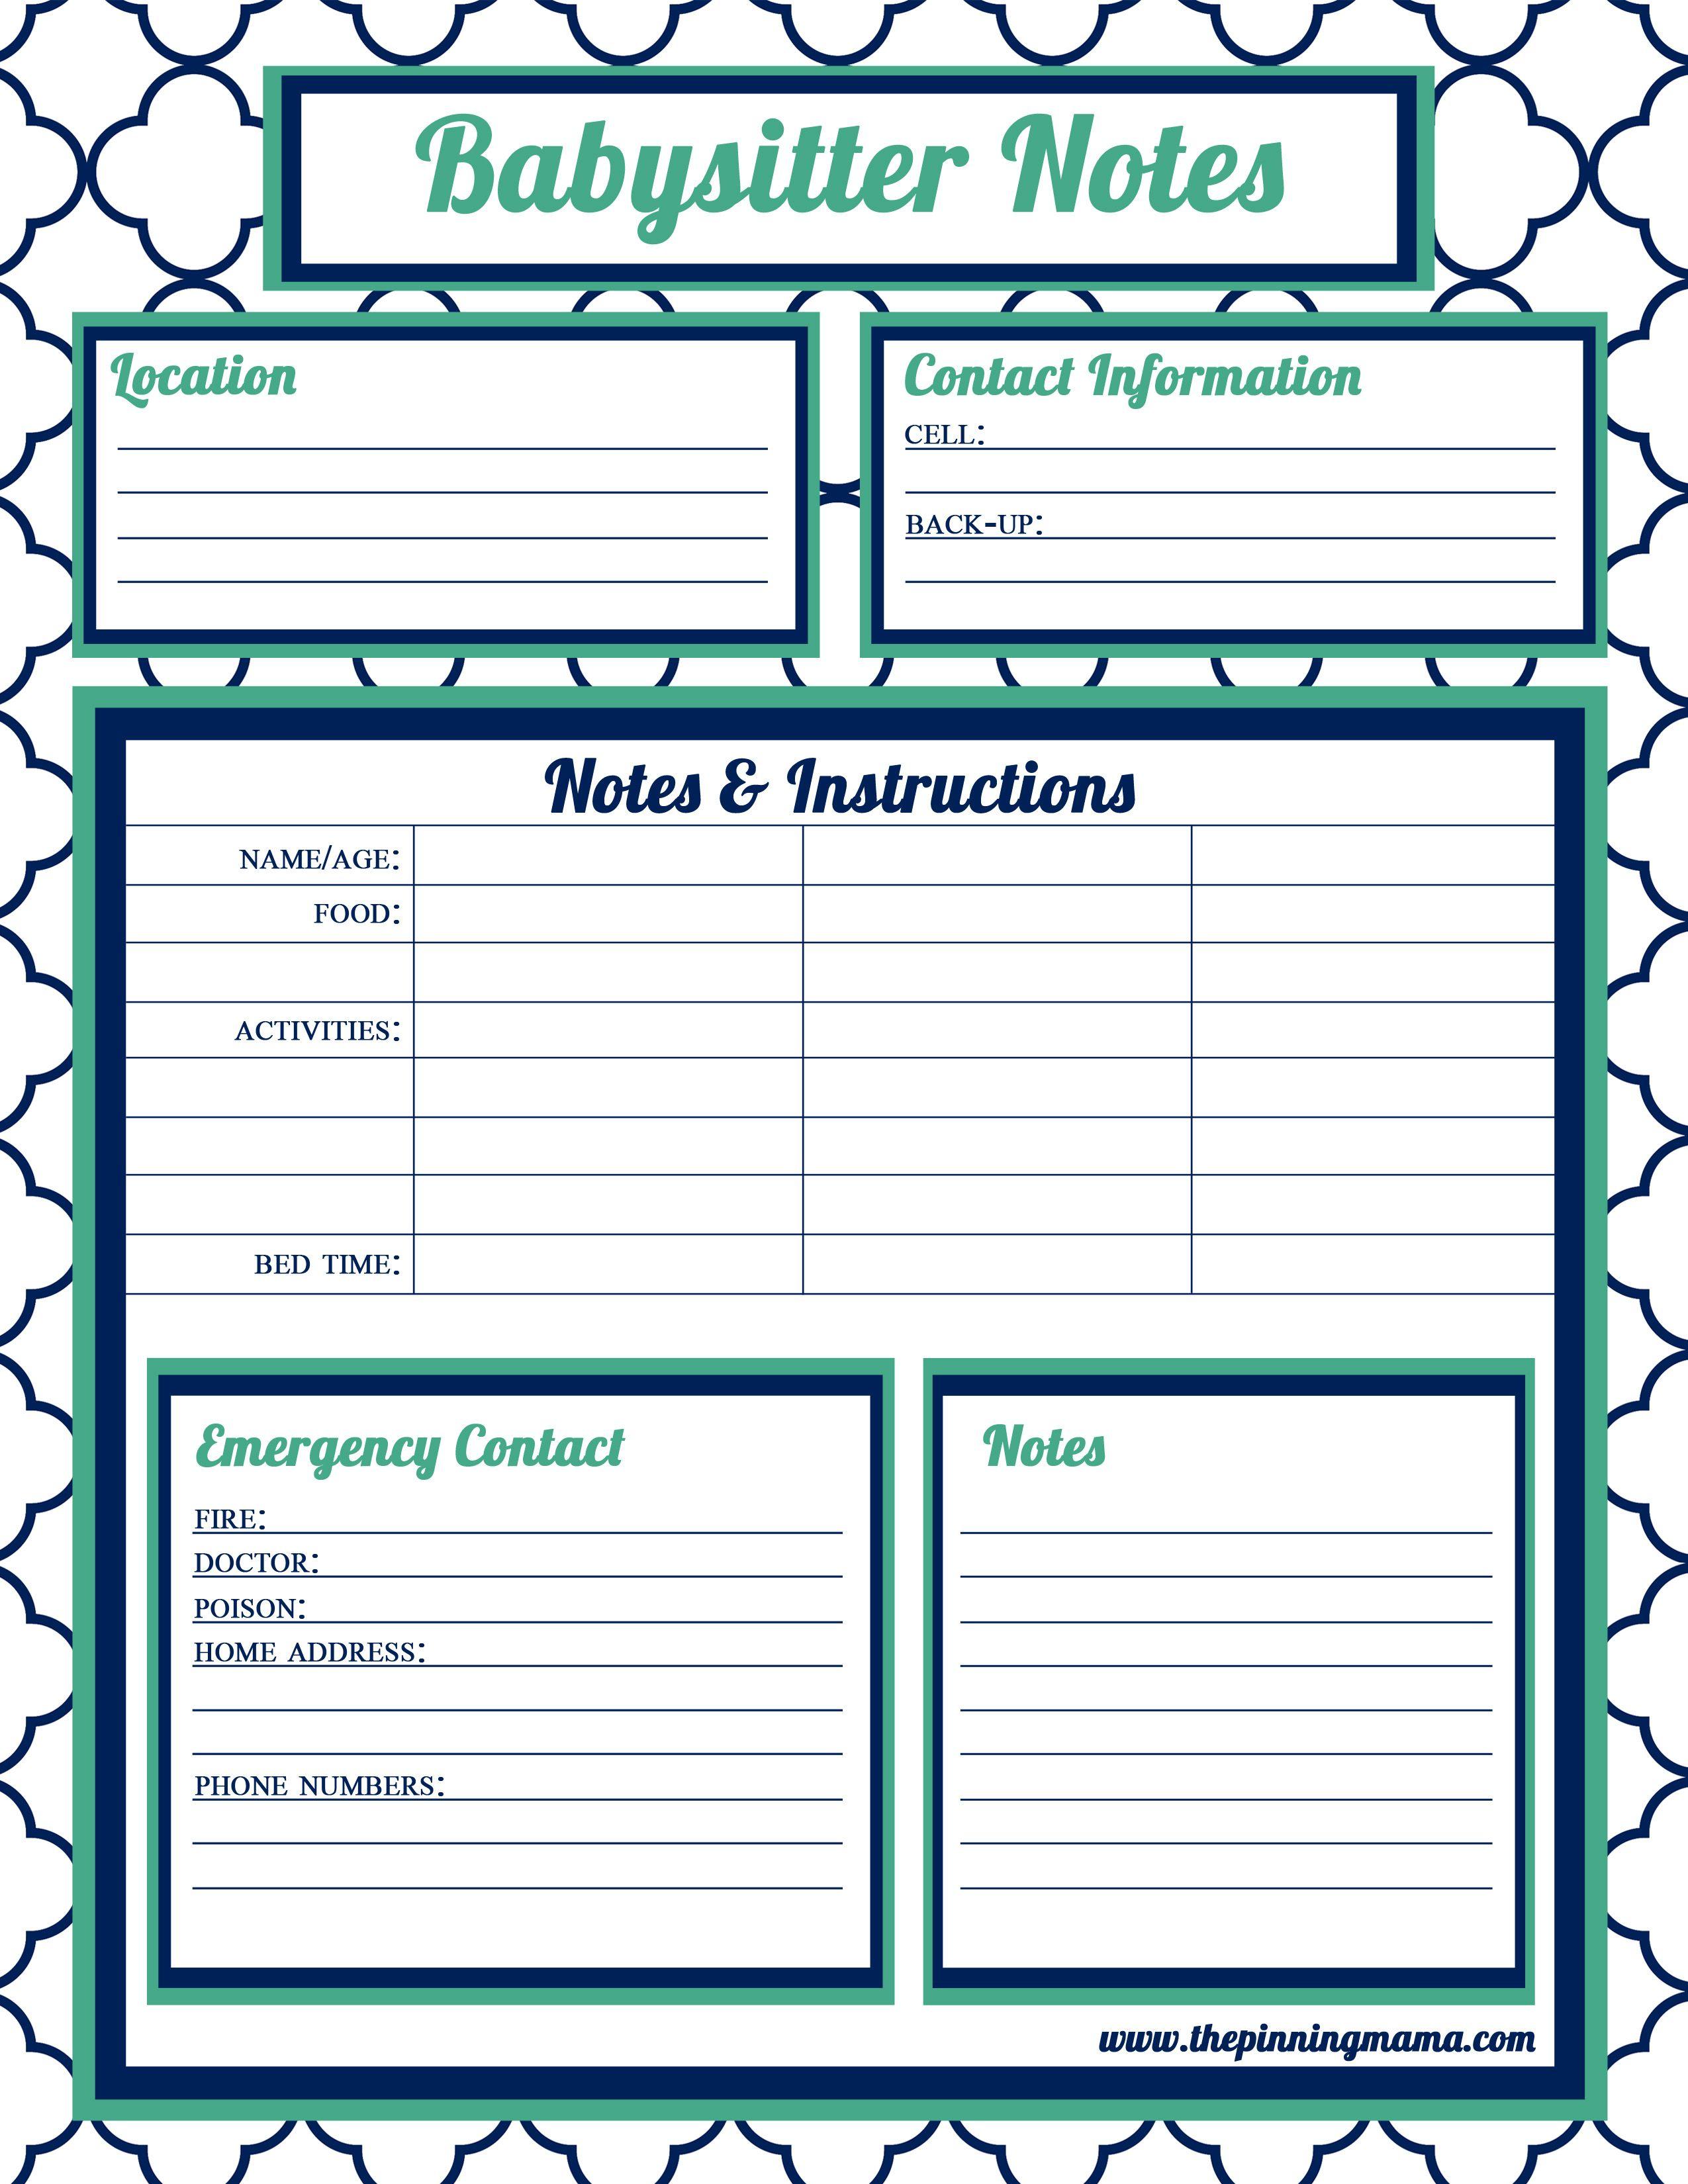 Babysitter Information Babysitter Checklist Babysitter Babysitter Contact Babysitter